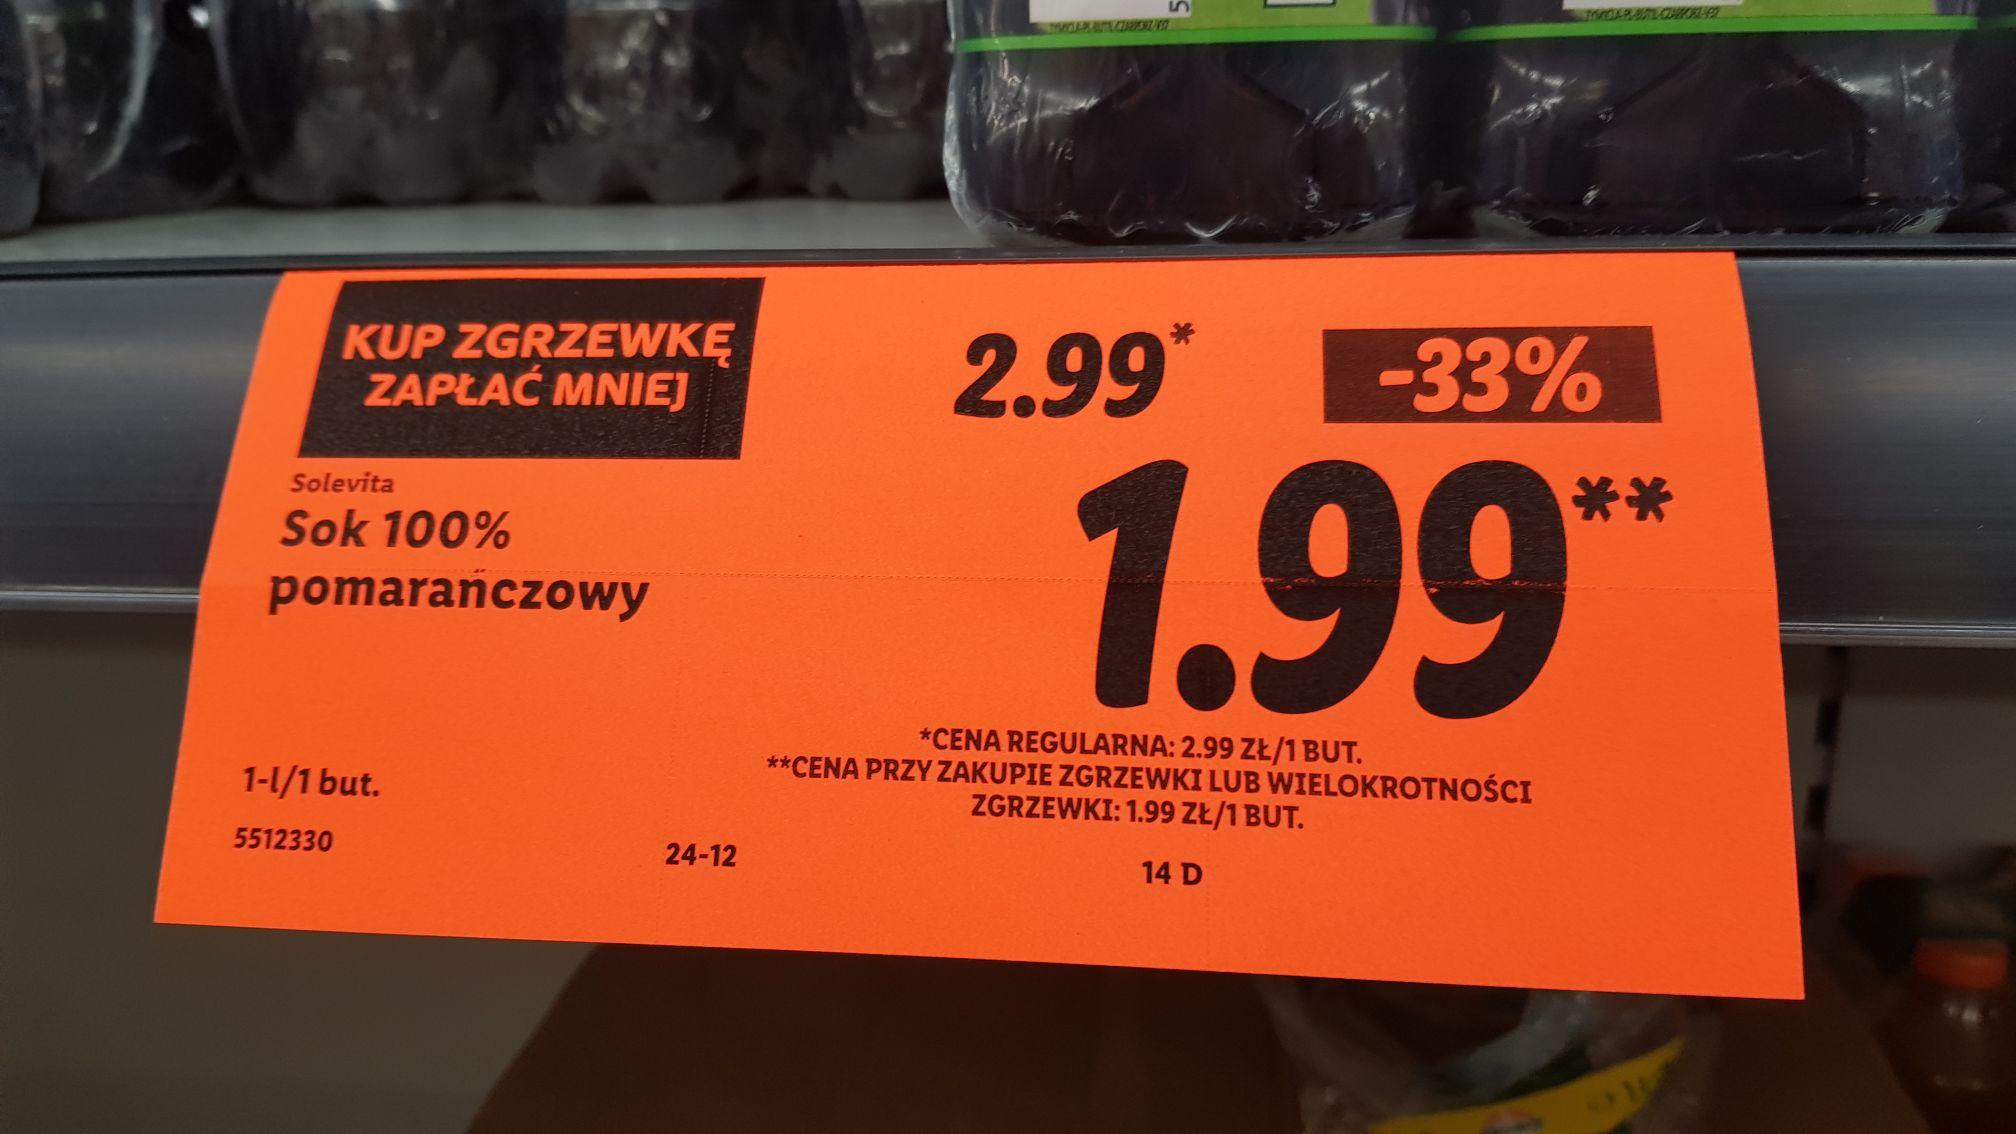 Sok pomarańczowy 1l przy zakupie 6